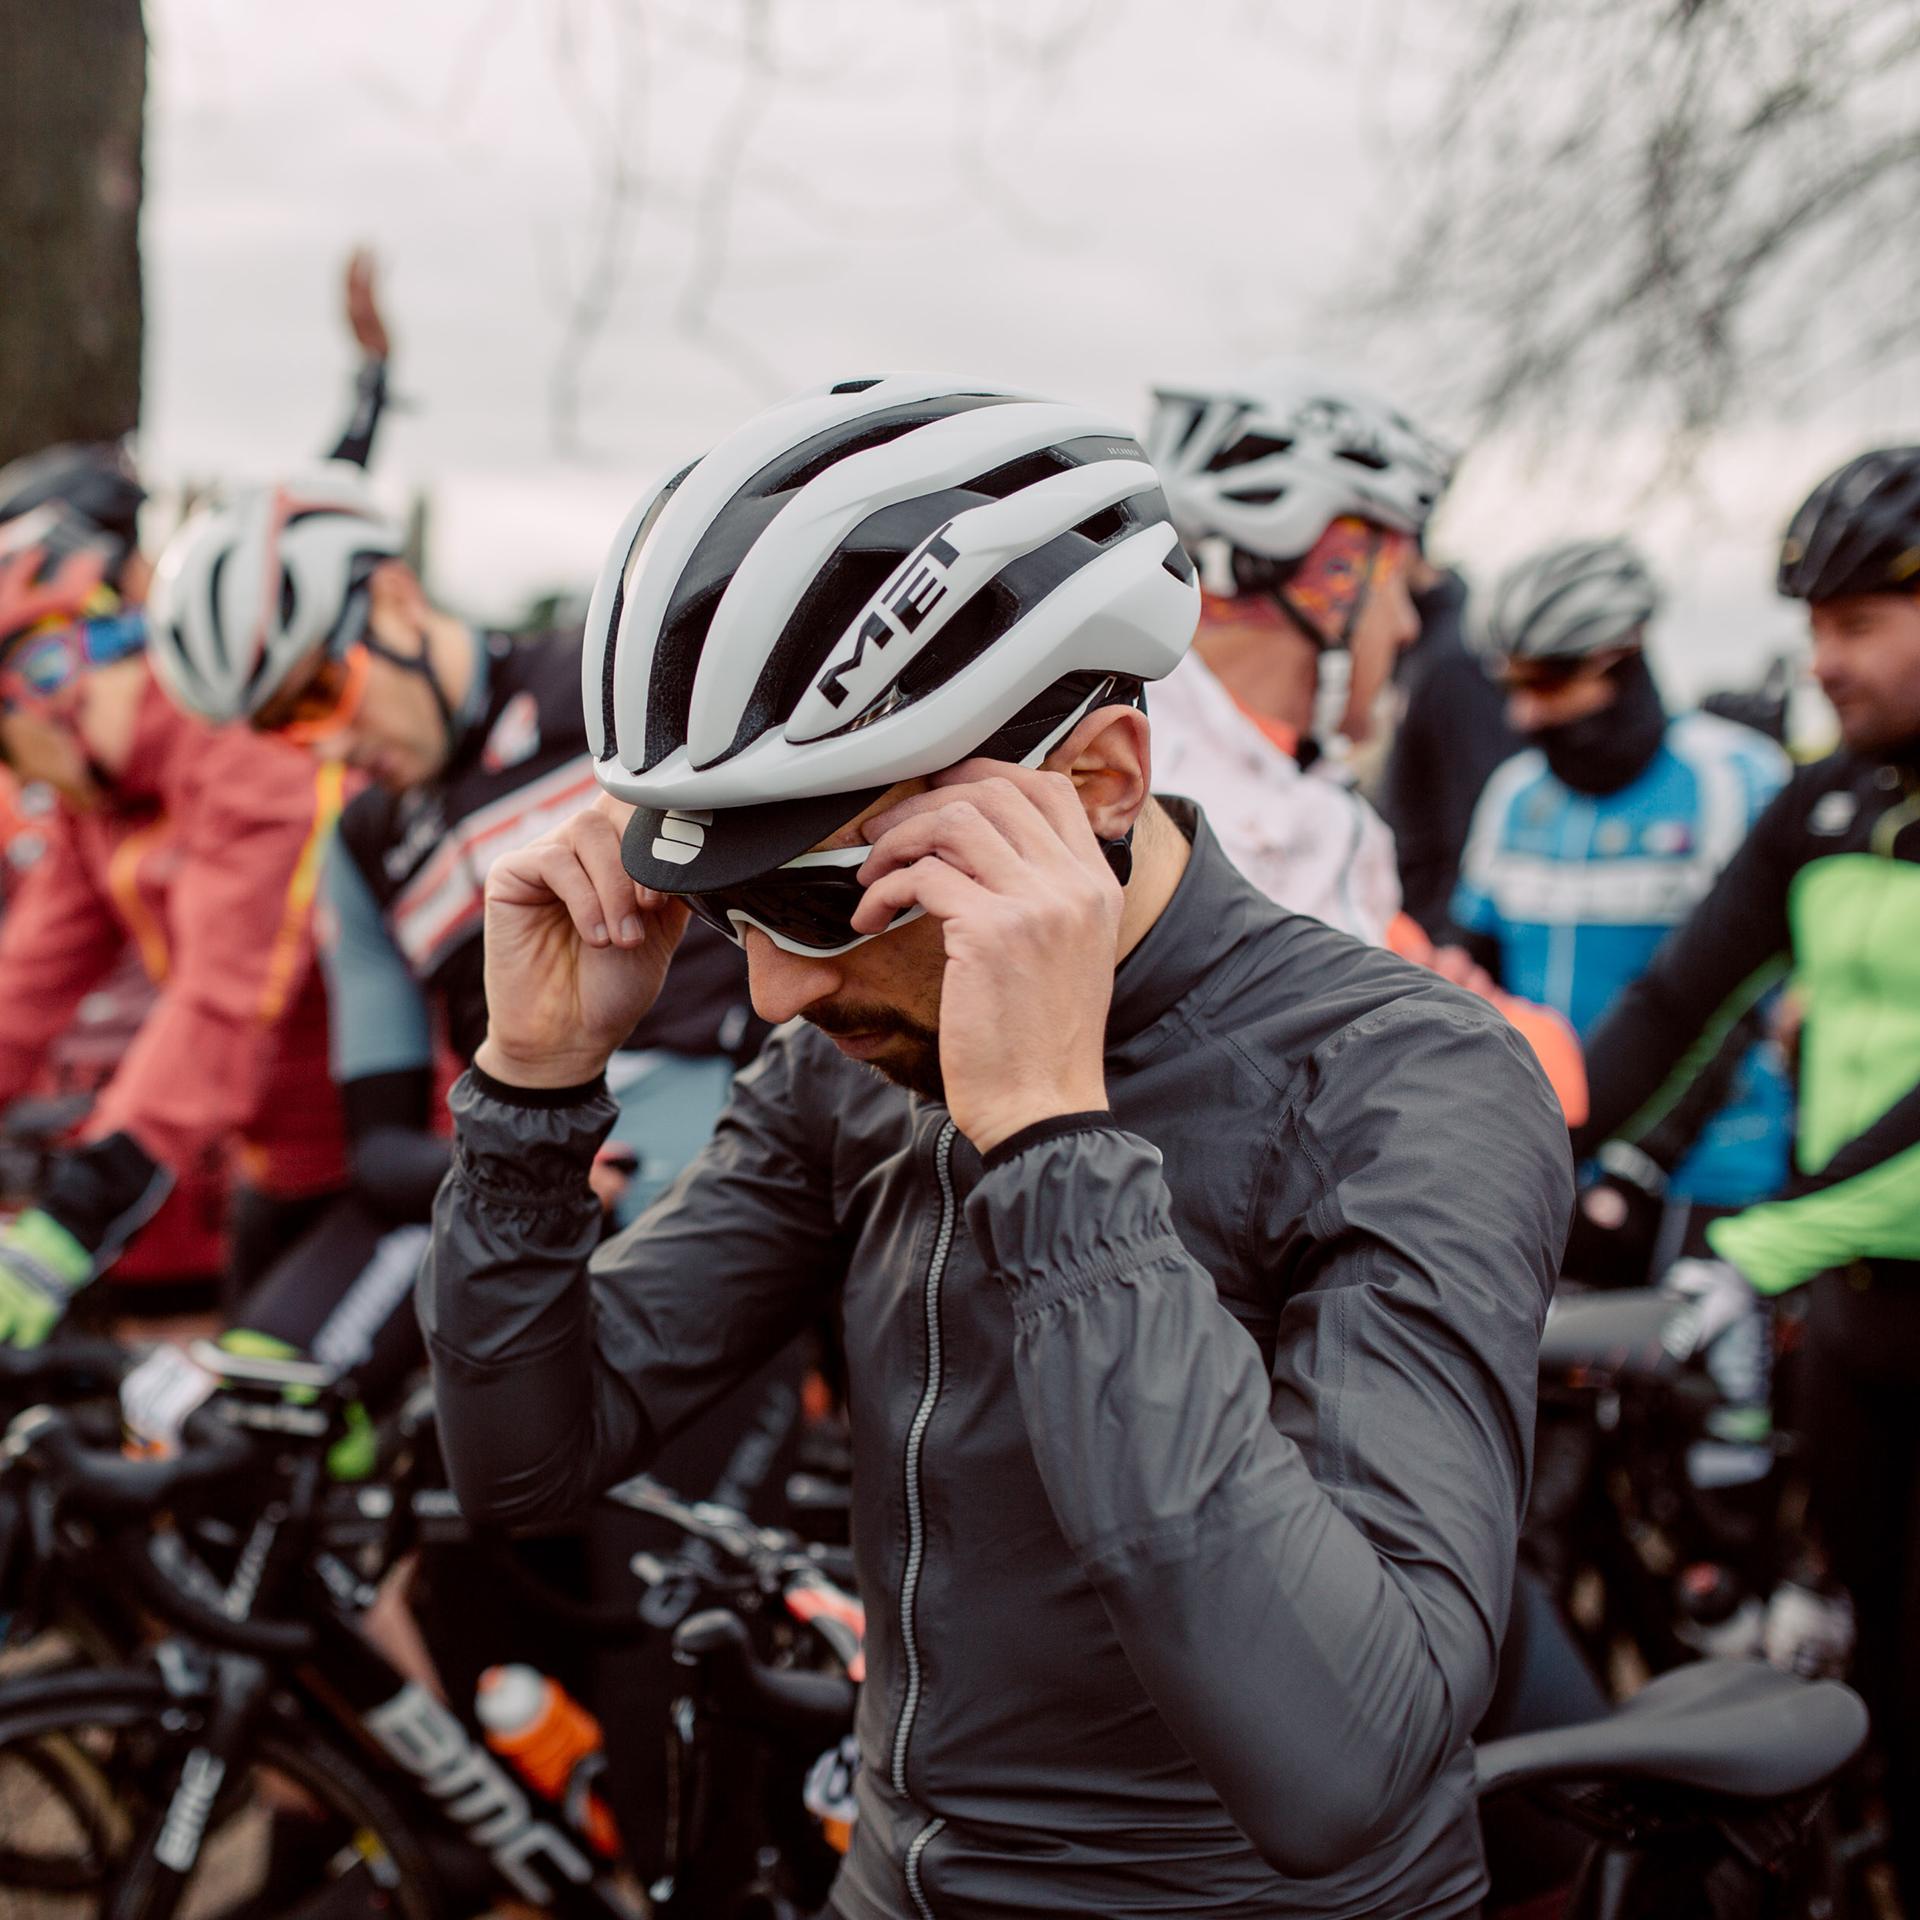 Sportful Stelvio Jacket with MET Trenta 3K Carbon Helmet